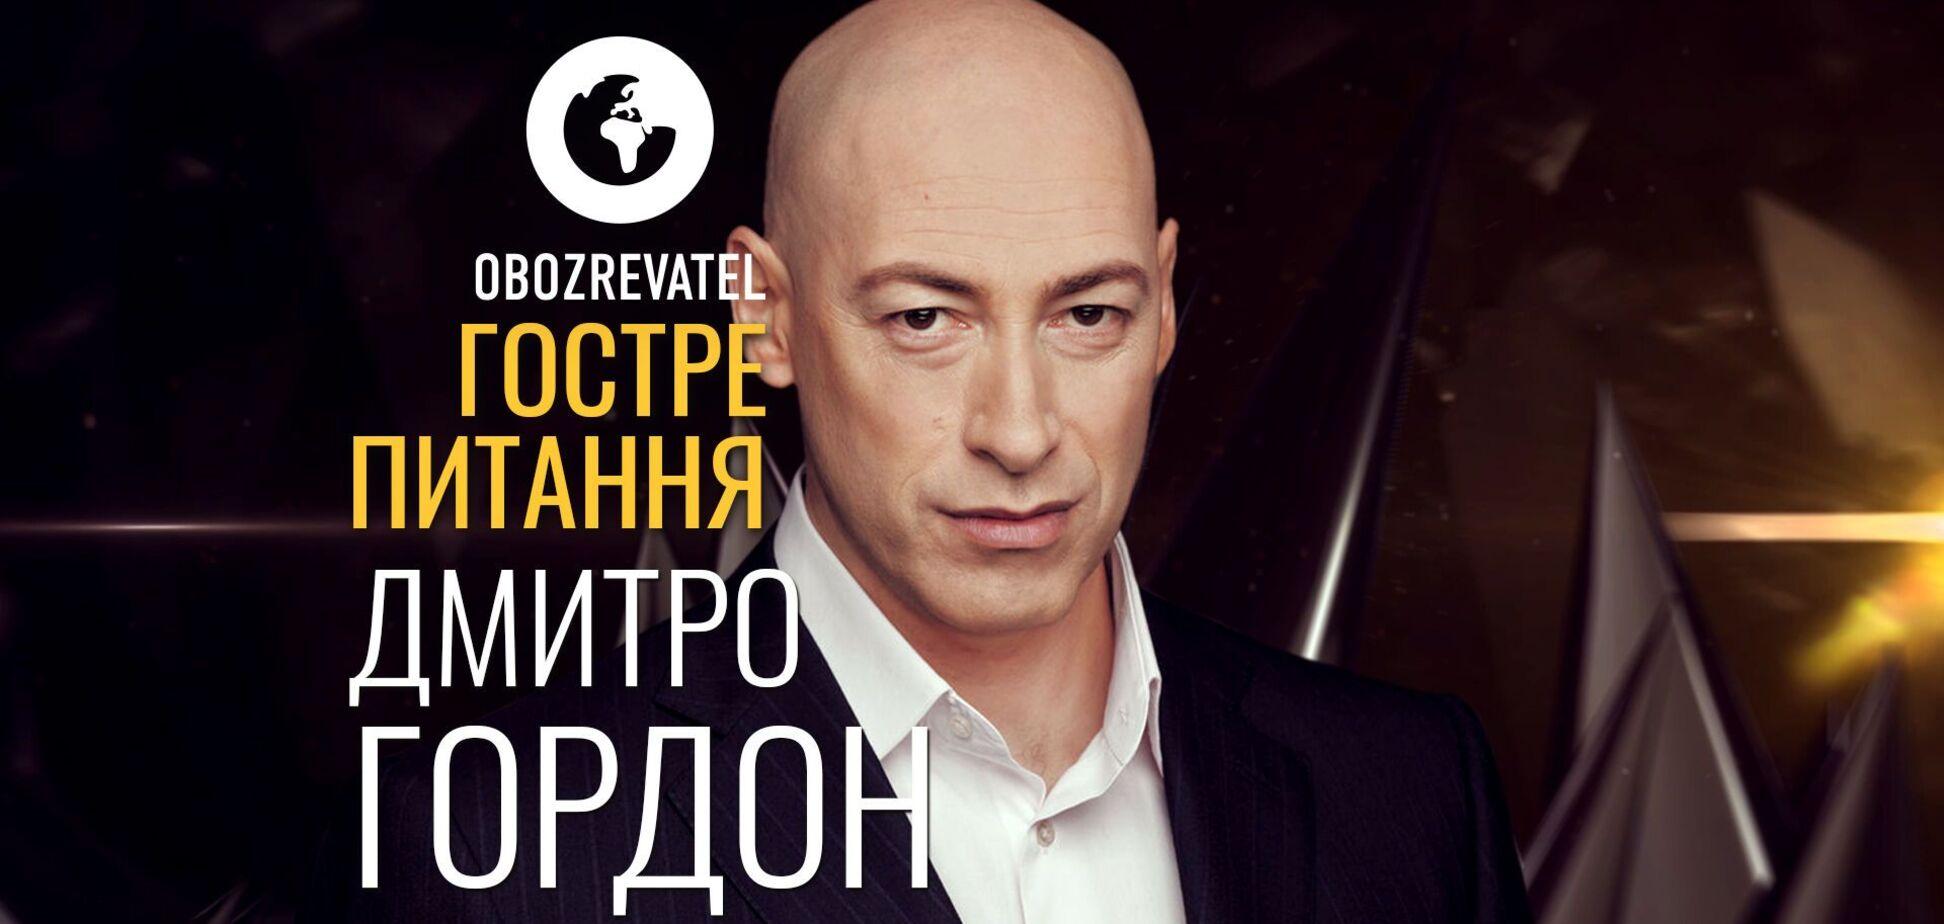 Дмитрий Гордон | Гостре питання